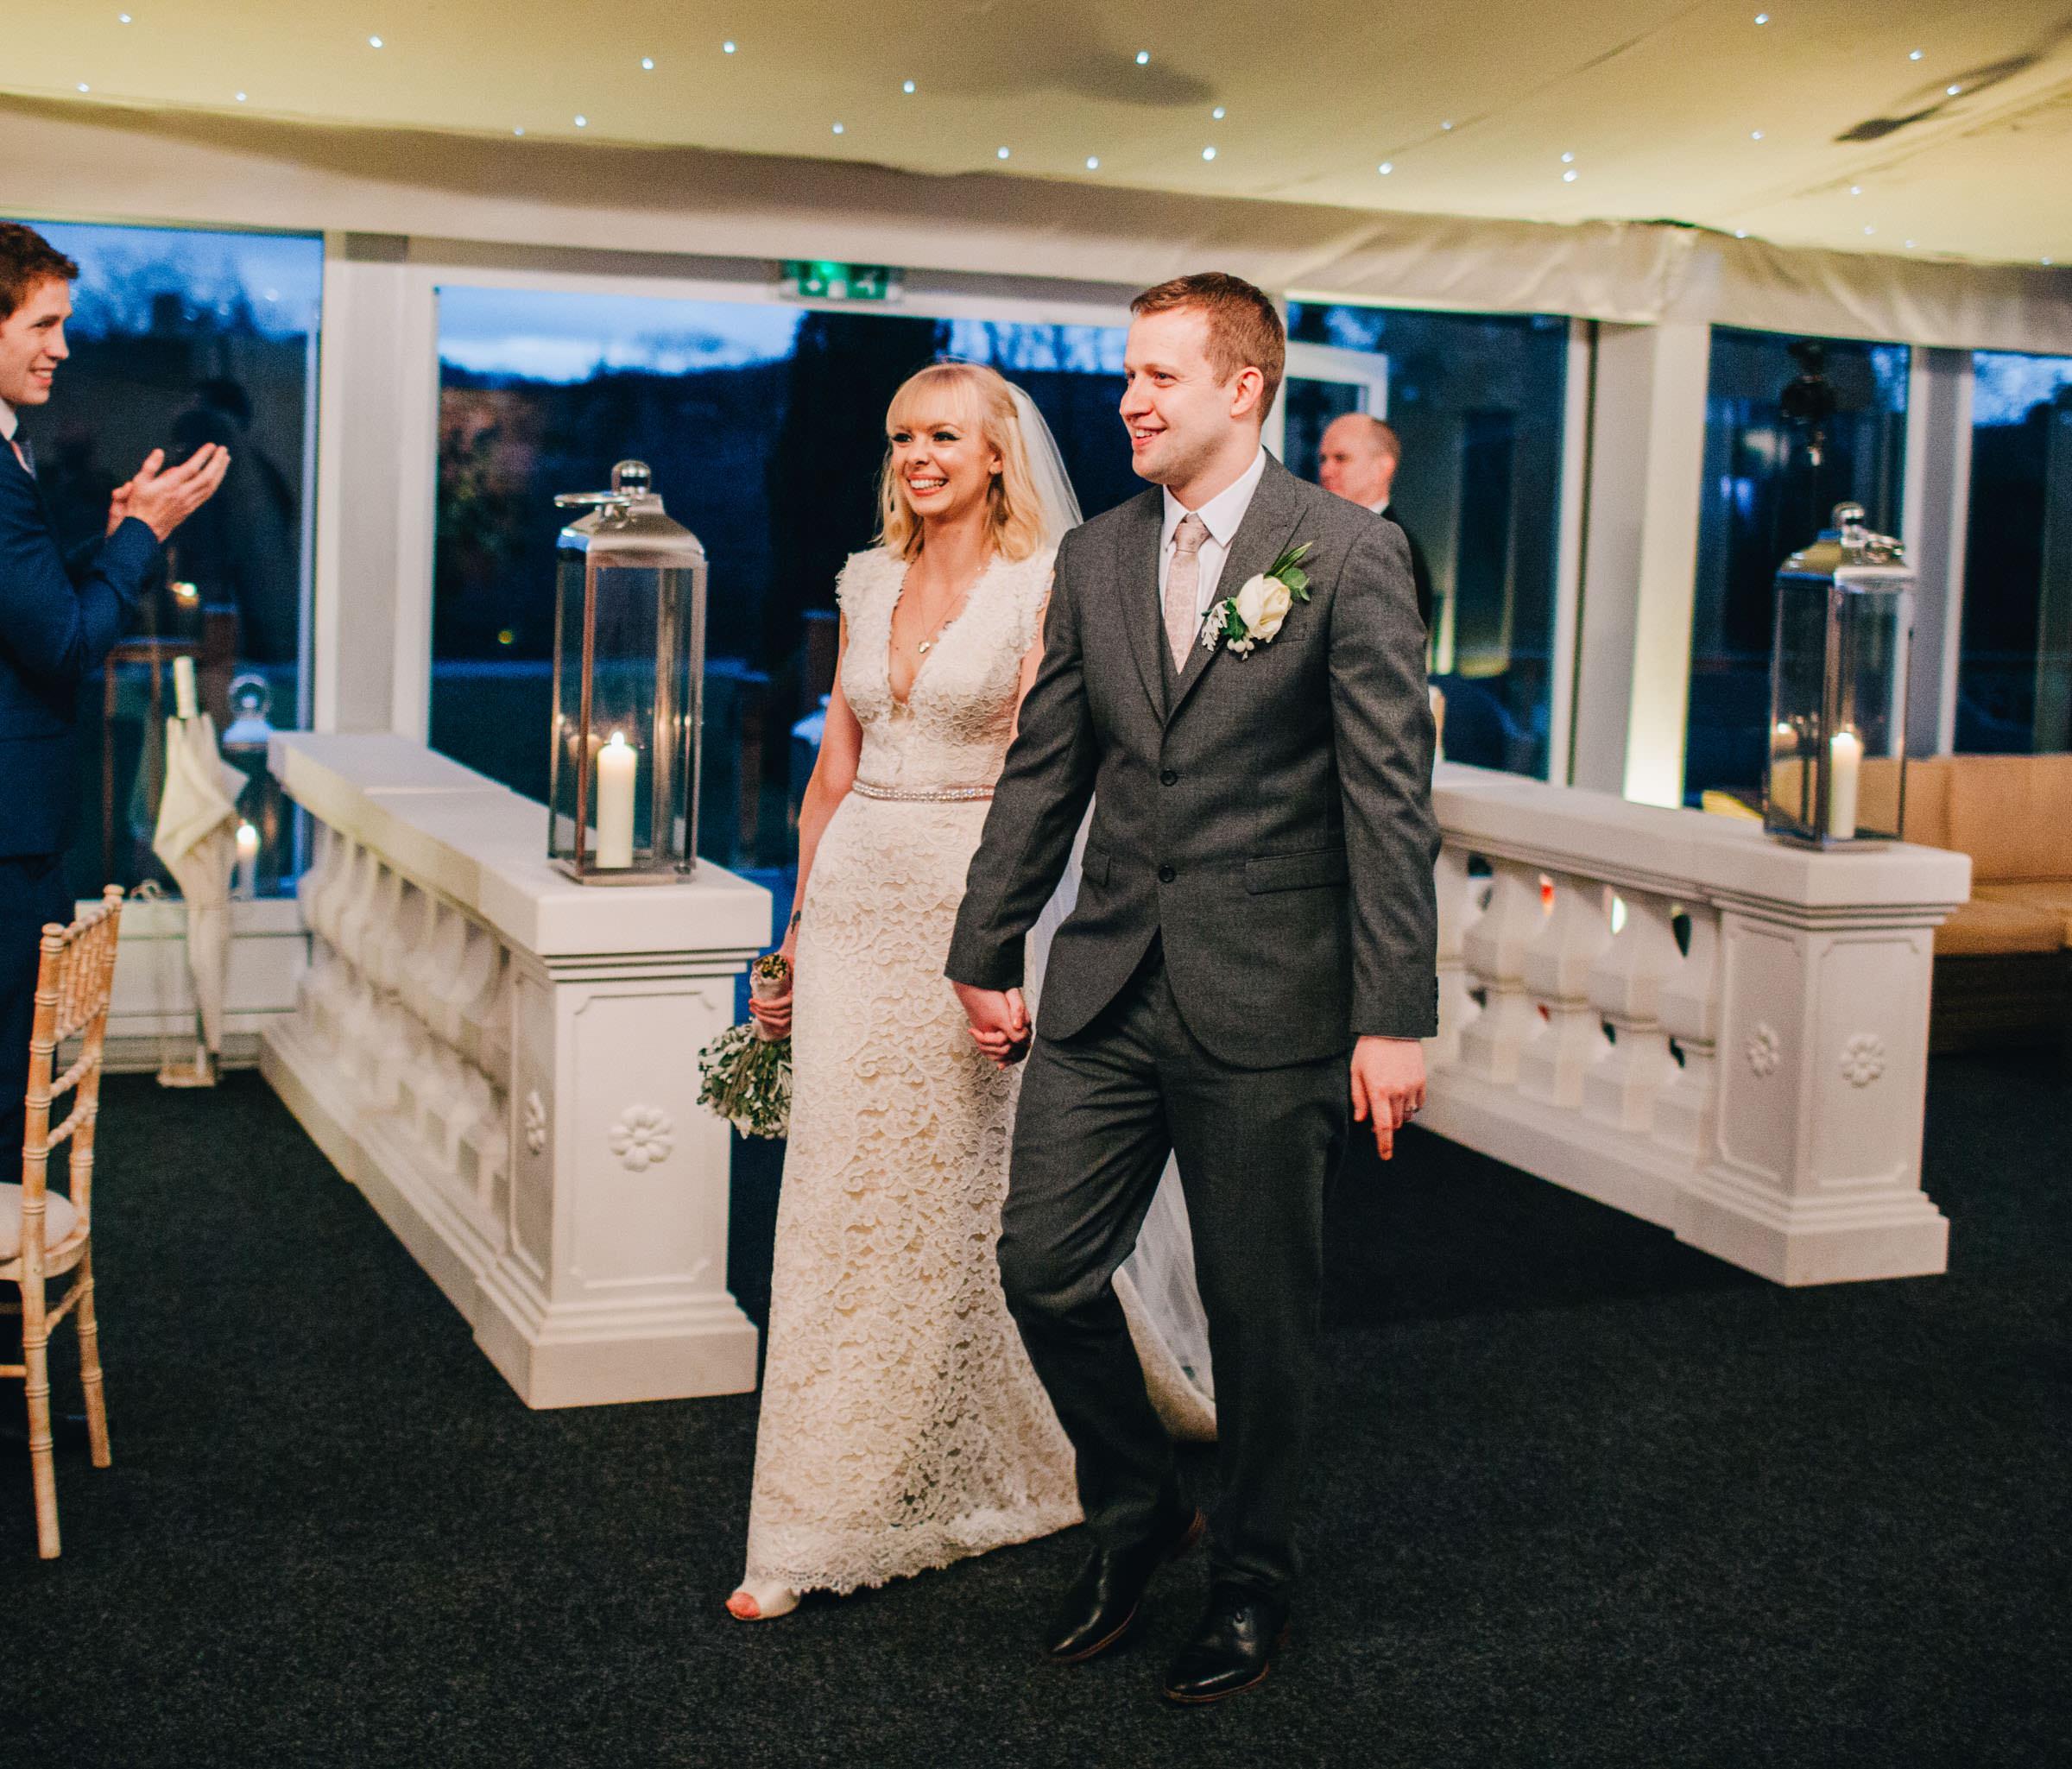 bride and groom walk into the wedding reception